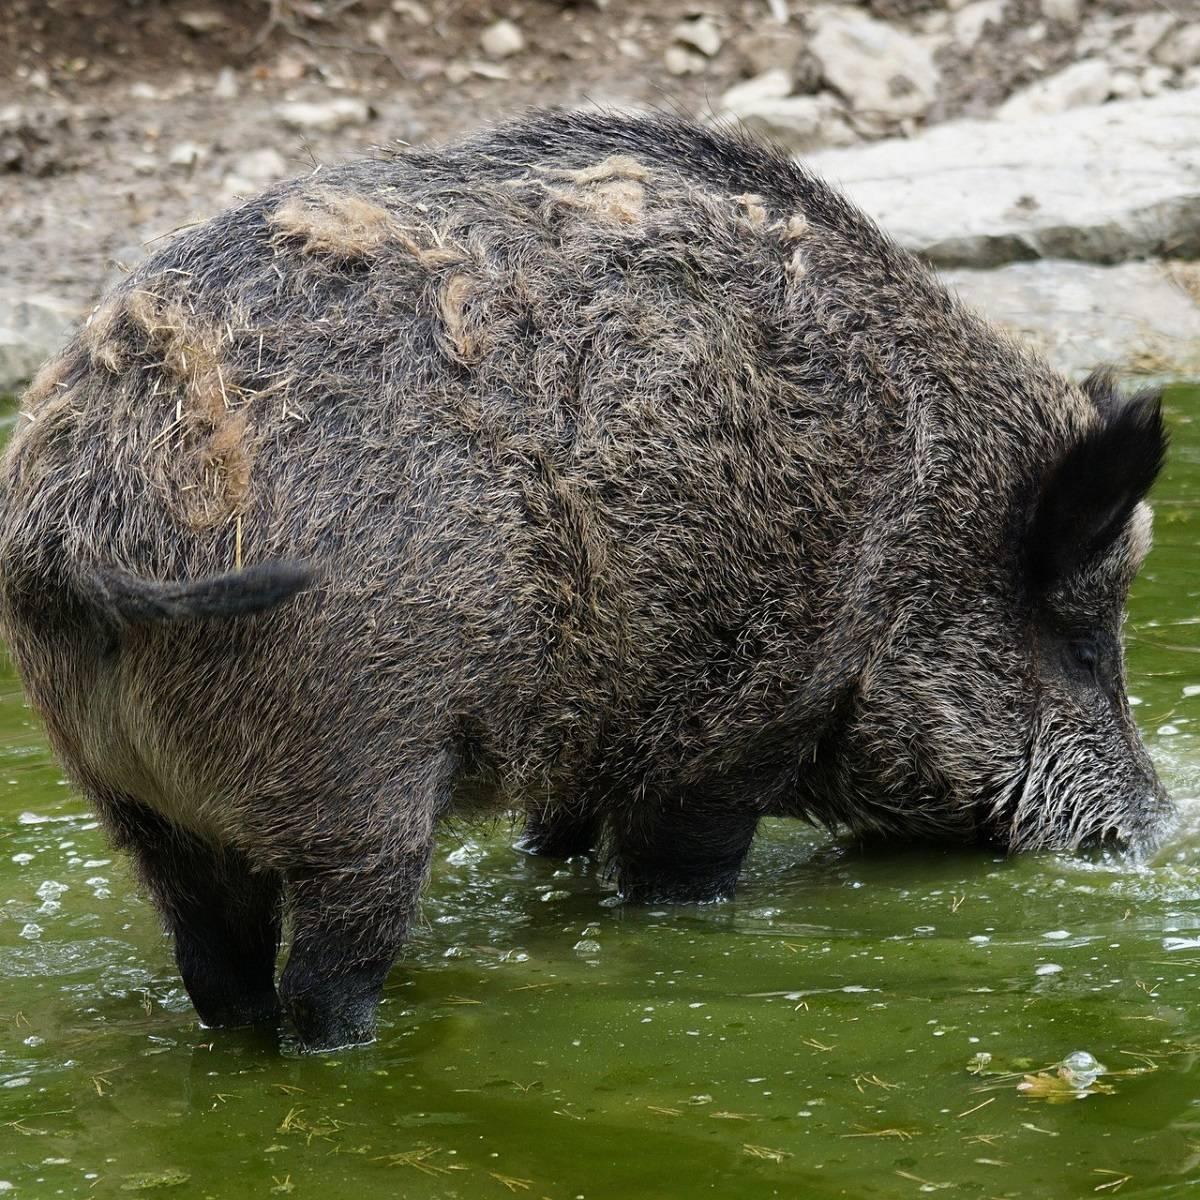 A big black boar in a watering hole